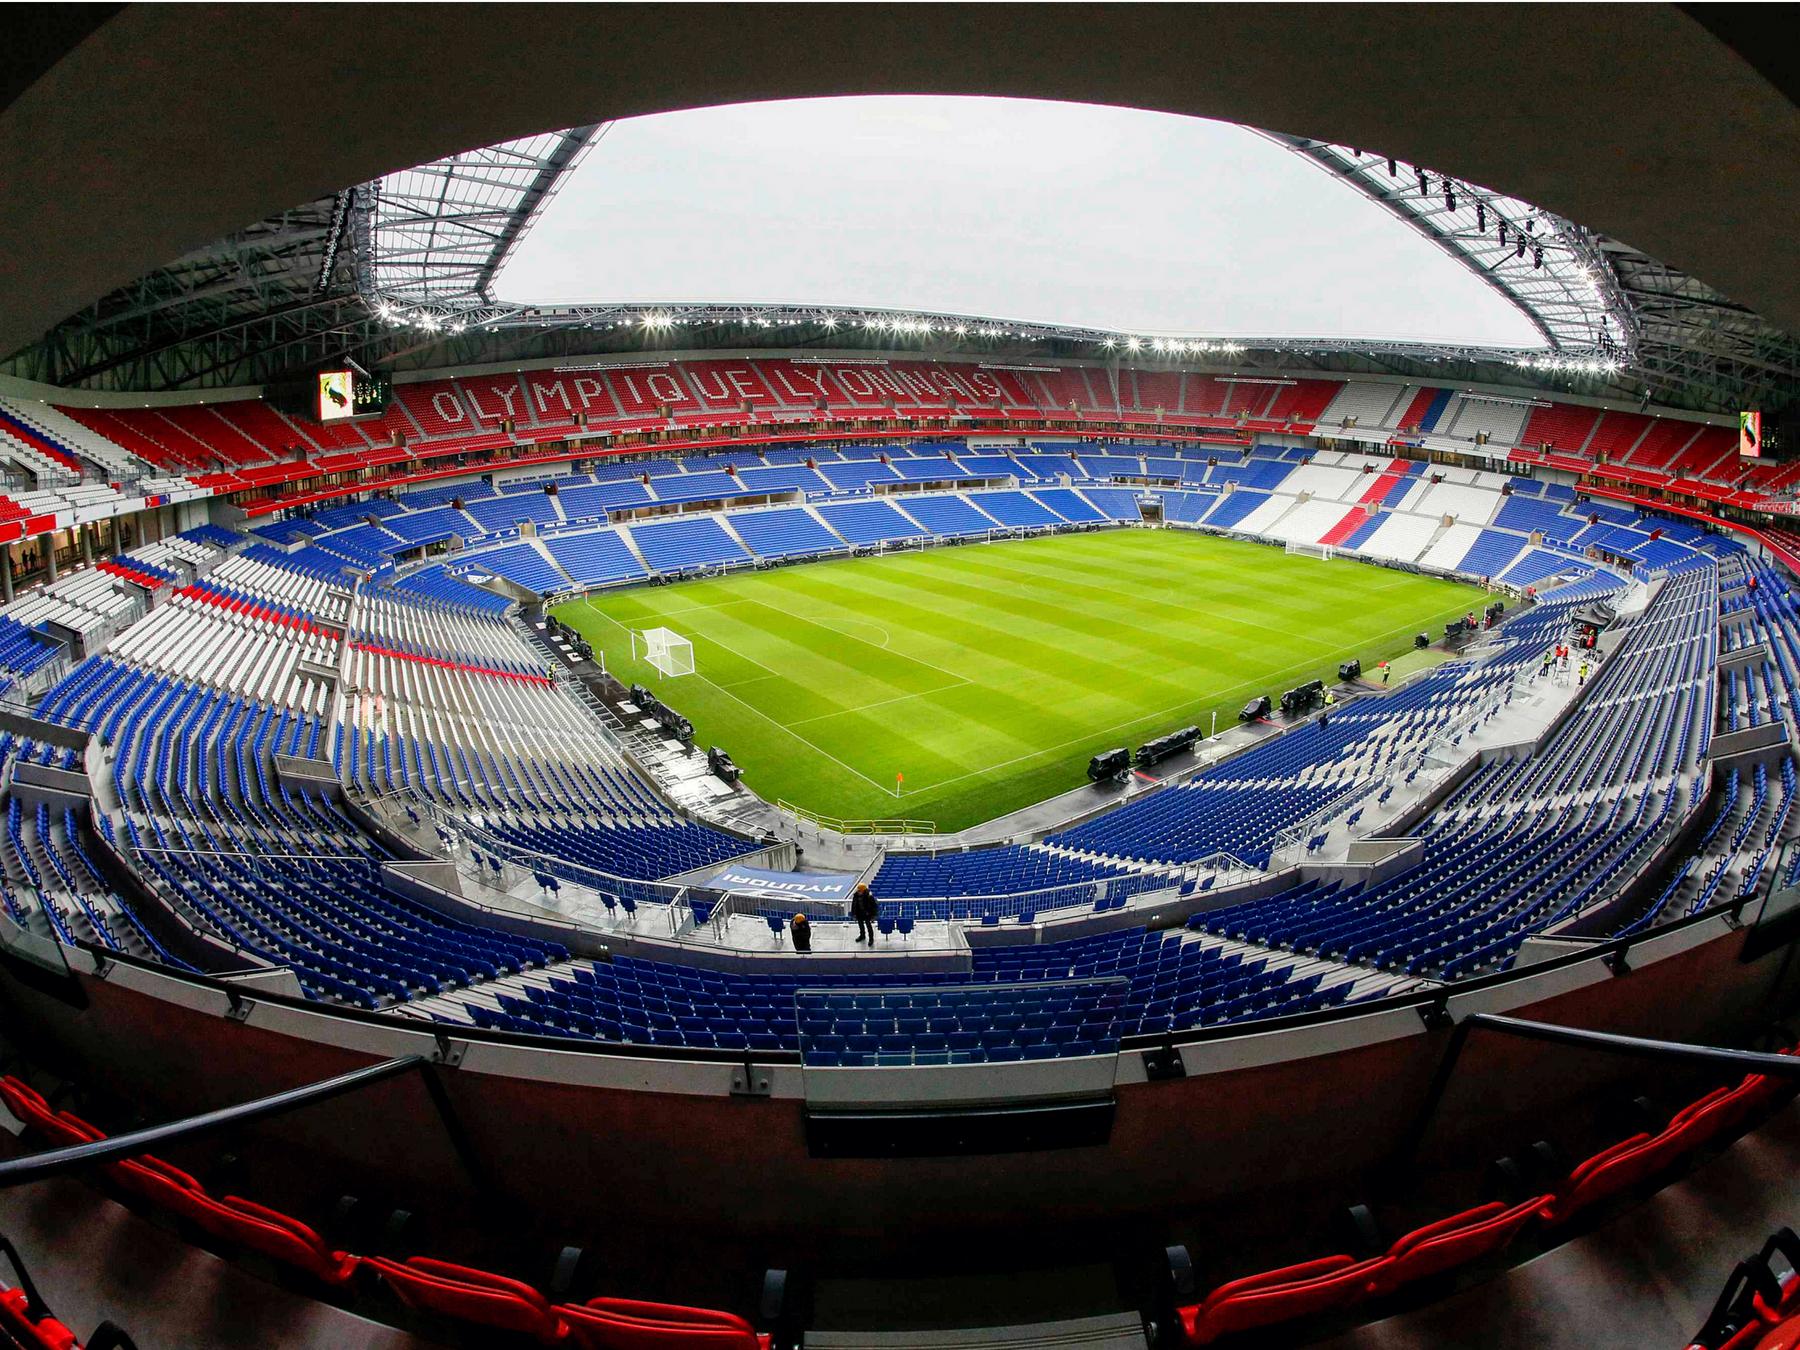 estádios-mais-legais-do-mundo-park-olimpique Os 20 estádios mais legais do mundo Calendário Copa 2018